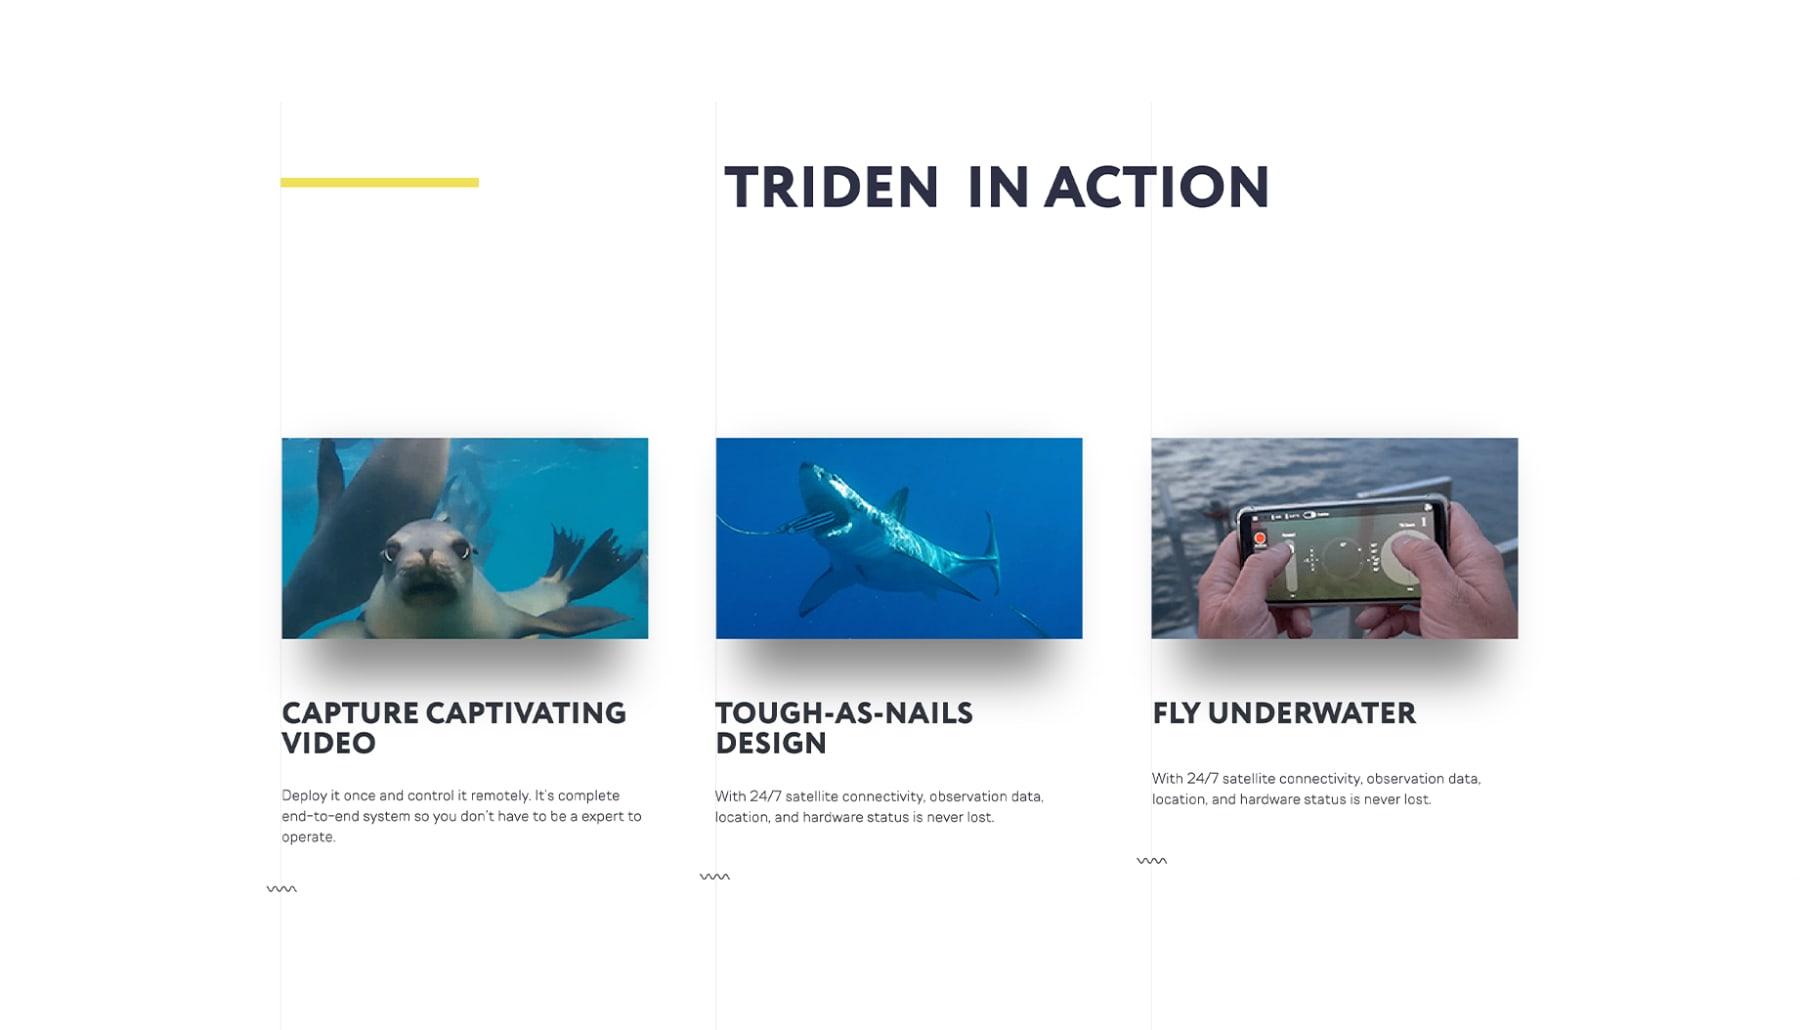 Diseño web mostrando los videos del dron acuático Trident de Sofar Ocean por El Patio Webflow Studio